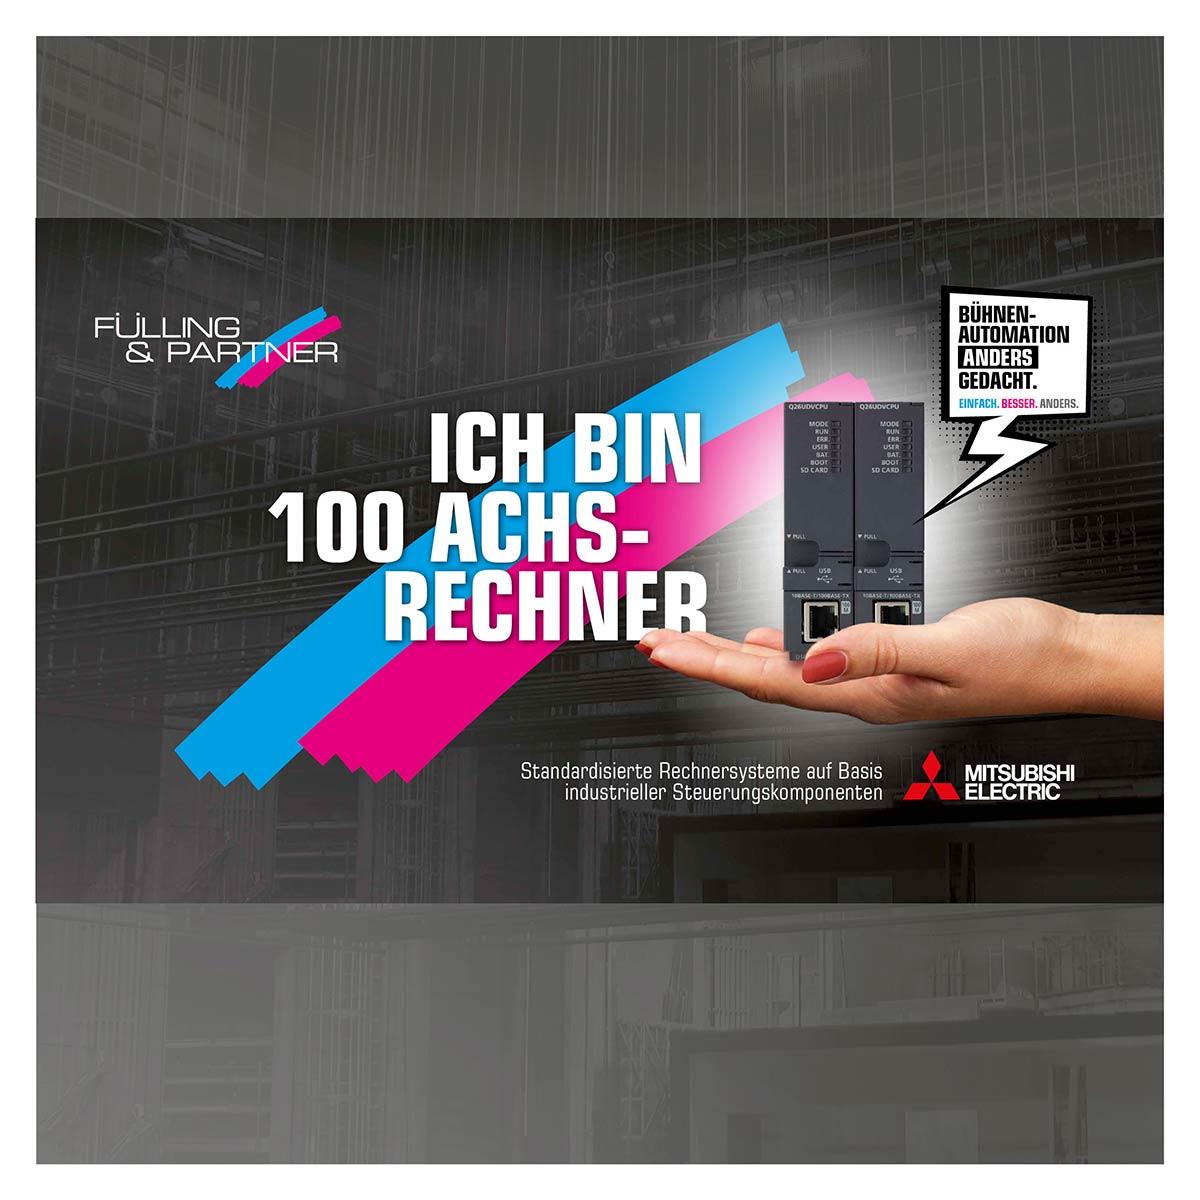 Fülling und Partner Anzeige von Reiber Marketing